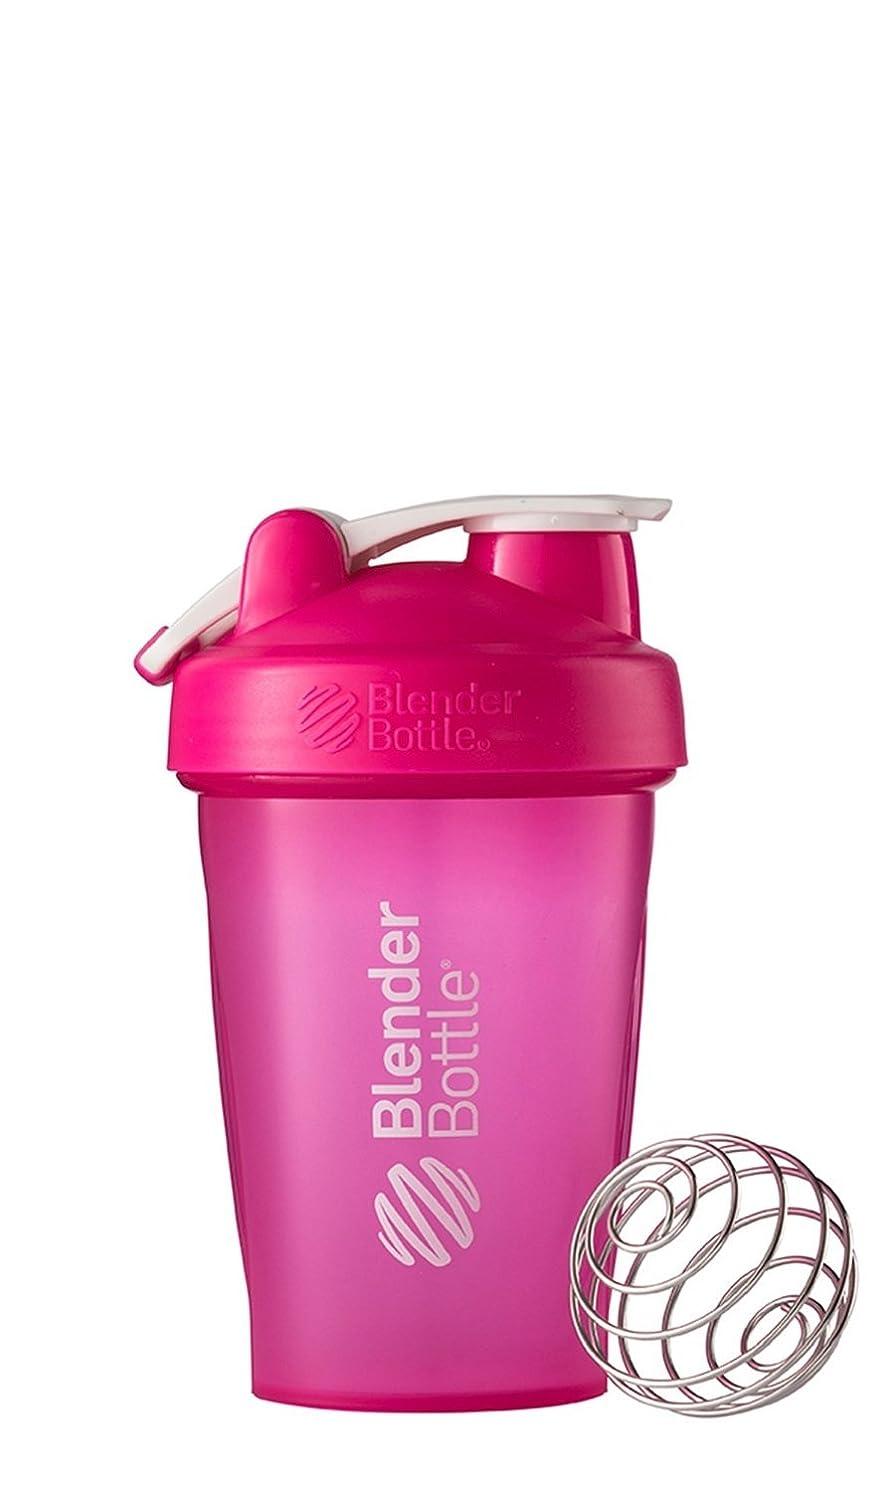 放射能大邸宅どこでもBlender Bottle(ブレンダーボトル) Blender Bottle Classic w/Loop PINK/PINK 20オンス(600ml) [並行輸入品]